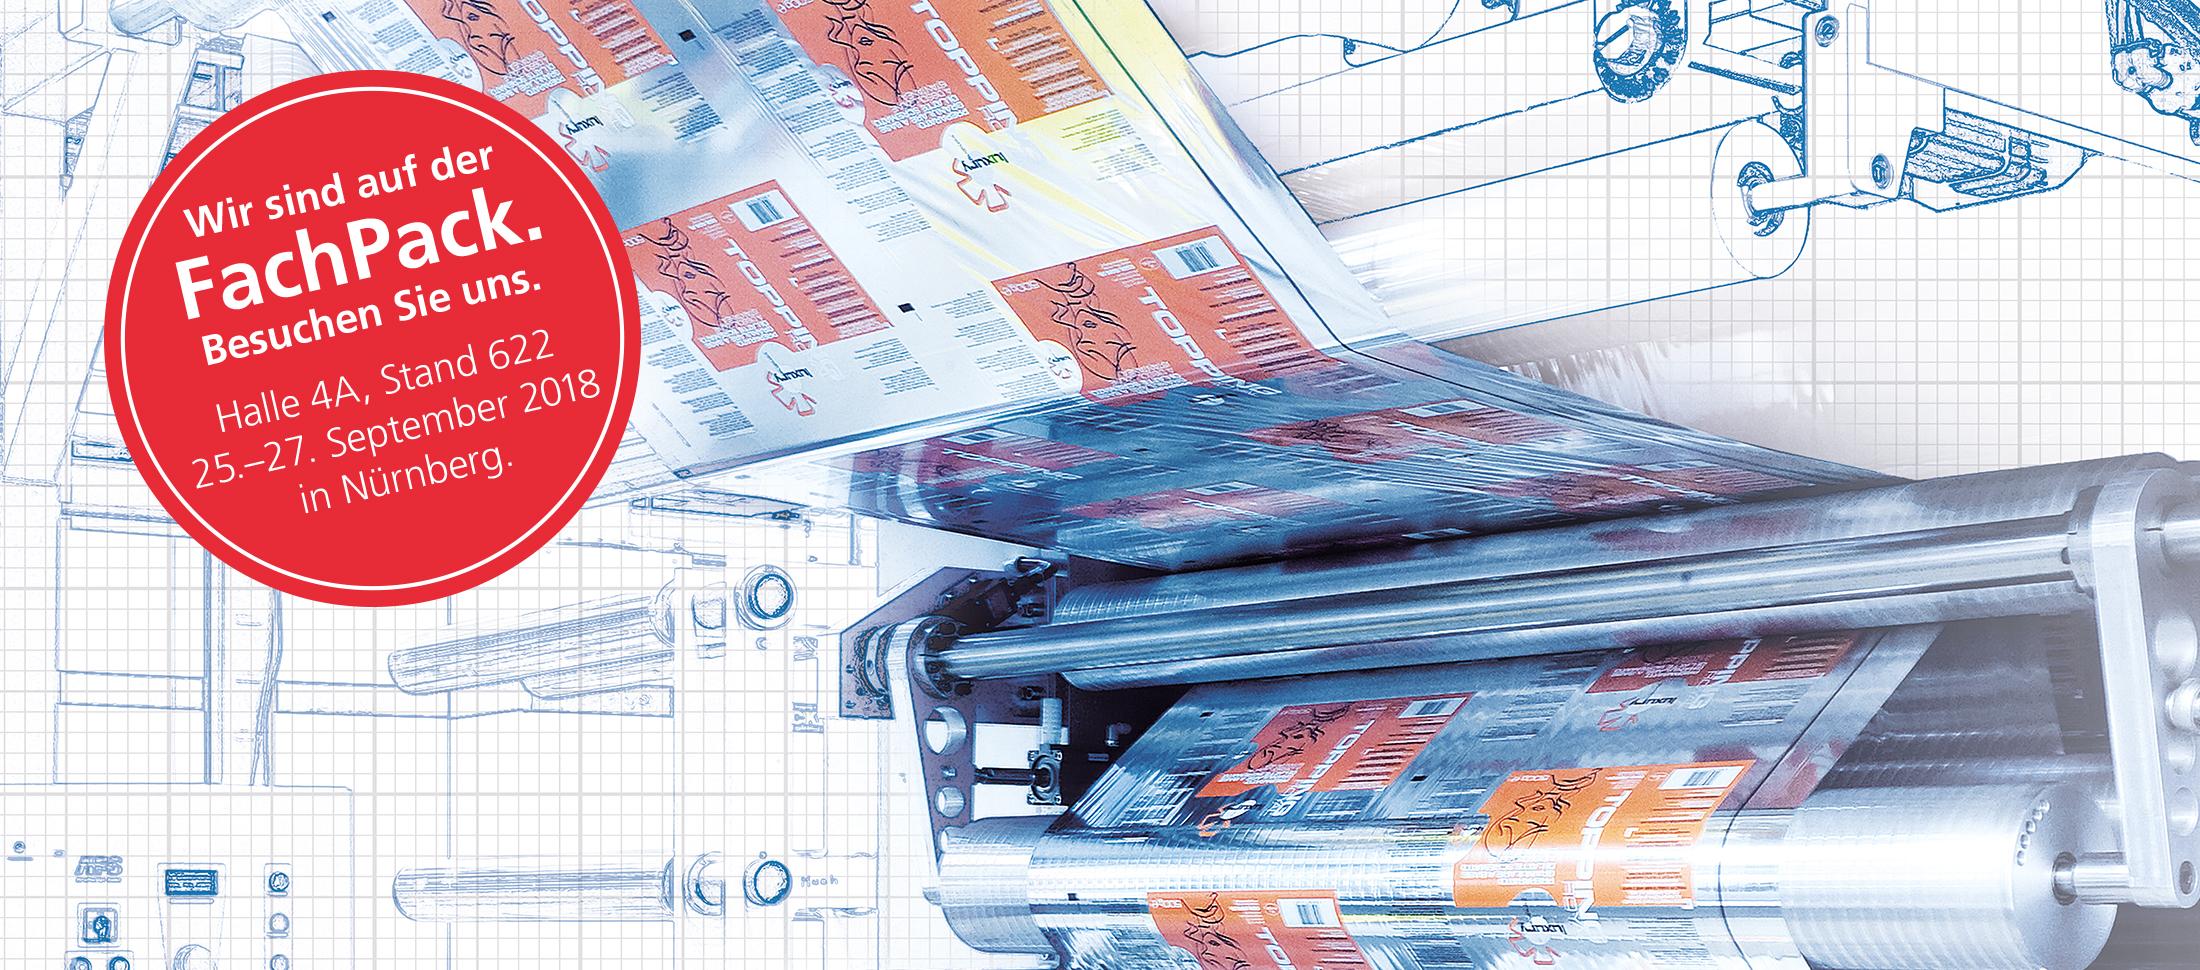 IE Plast und IE Packaging auf der FachPack 2018